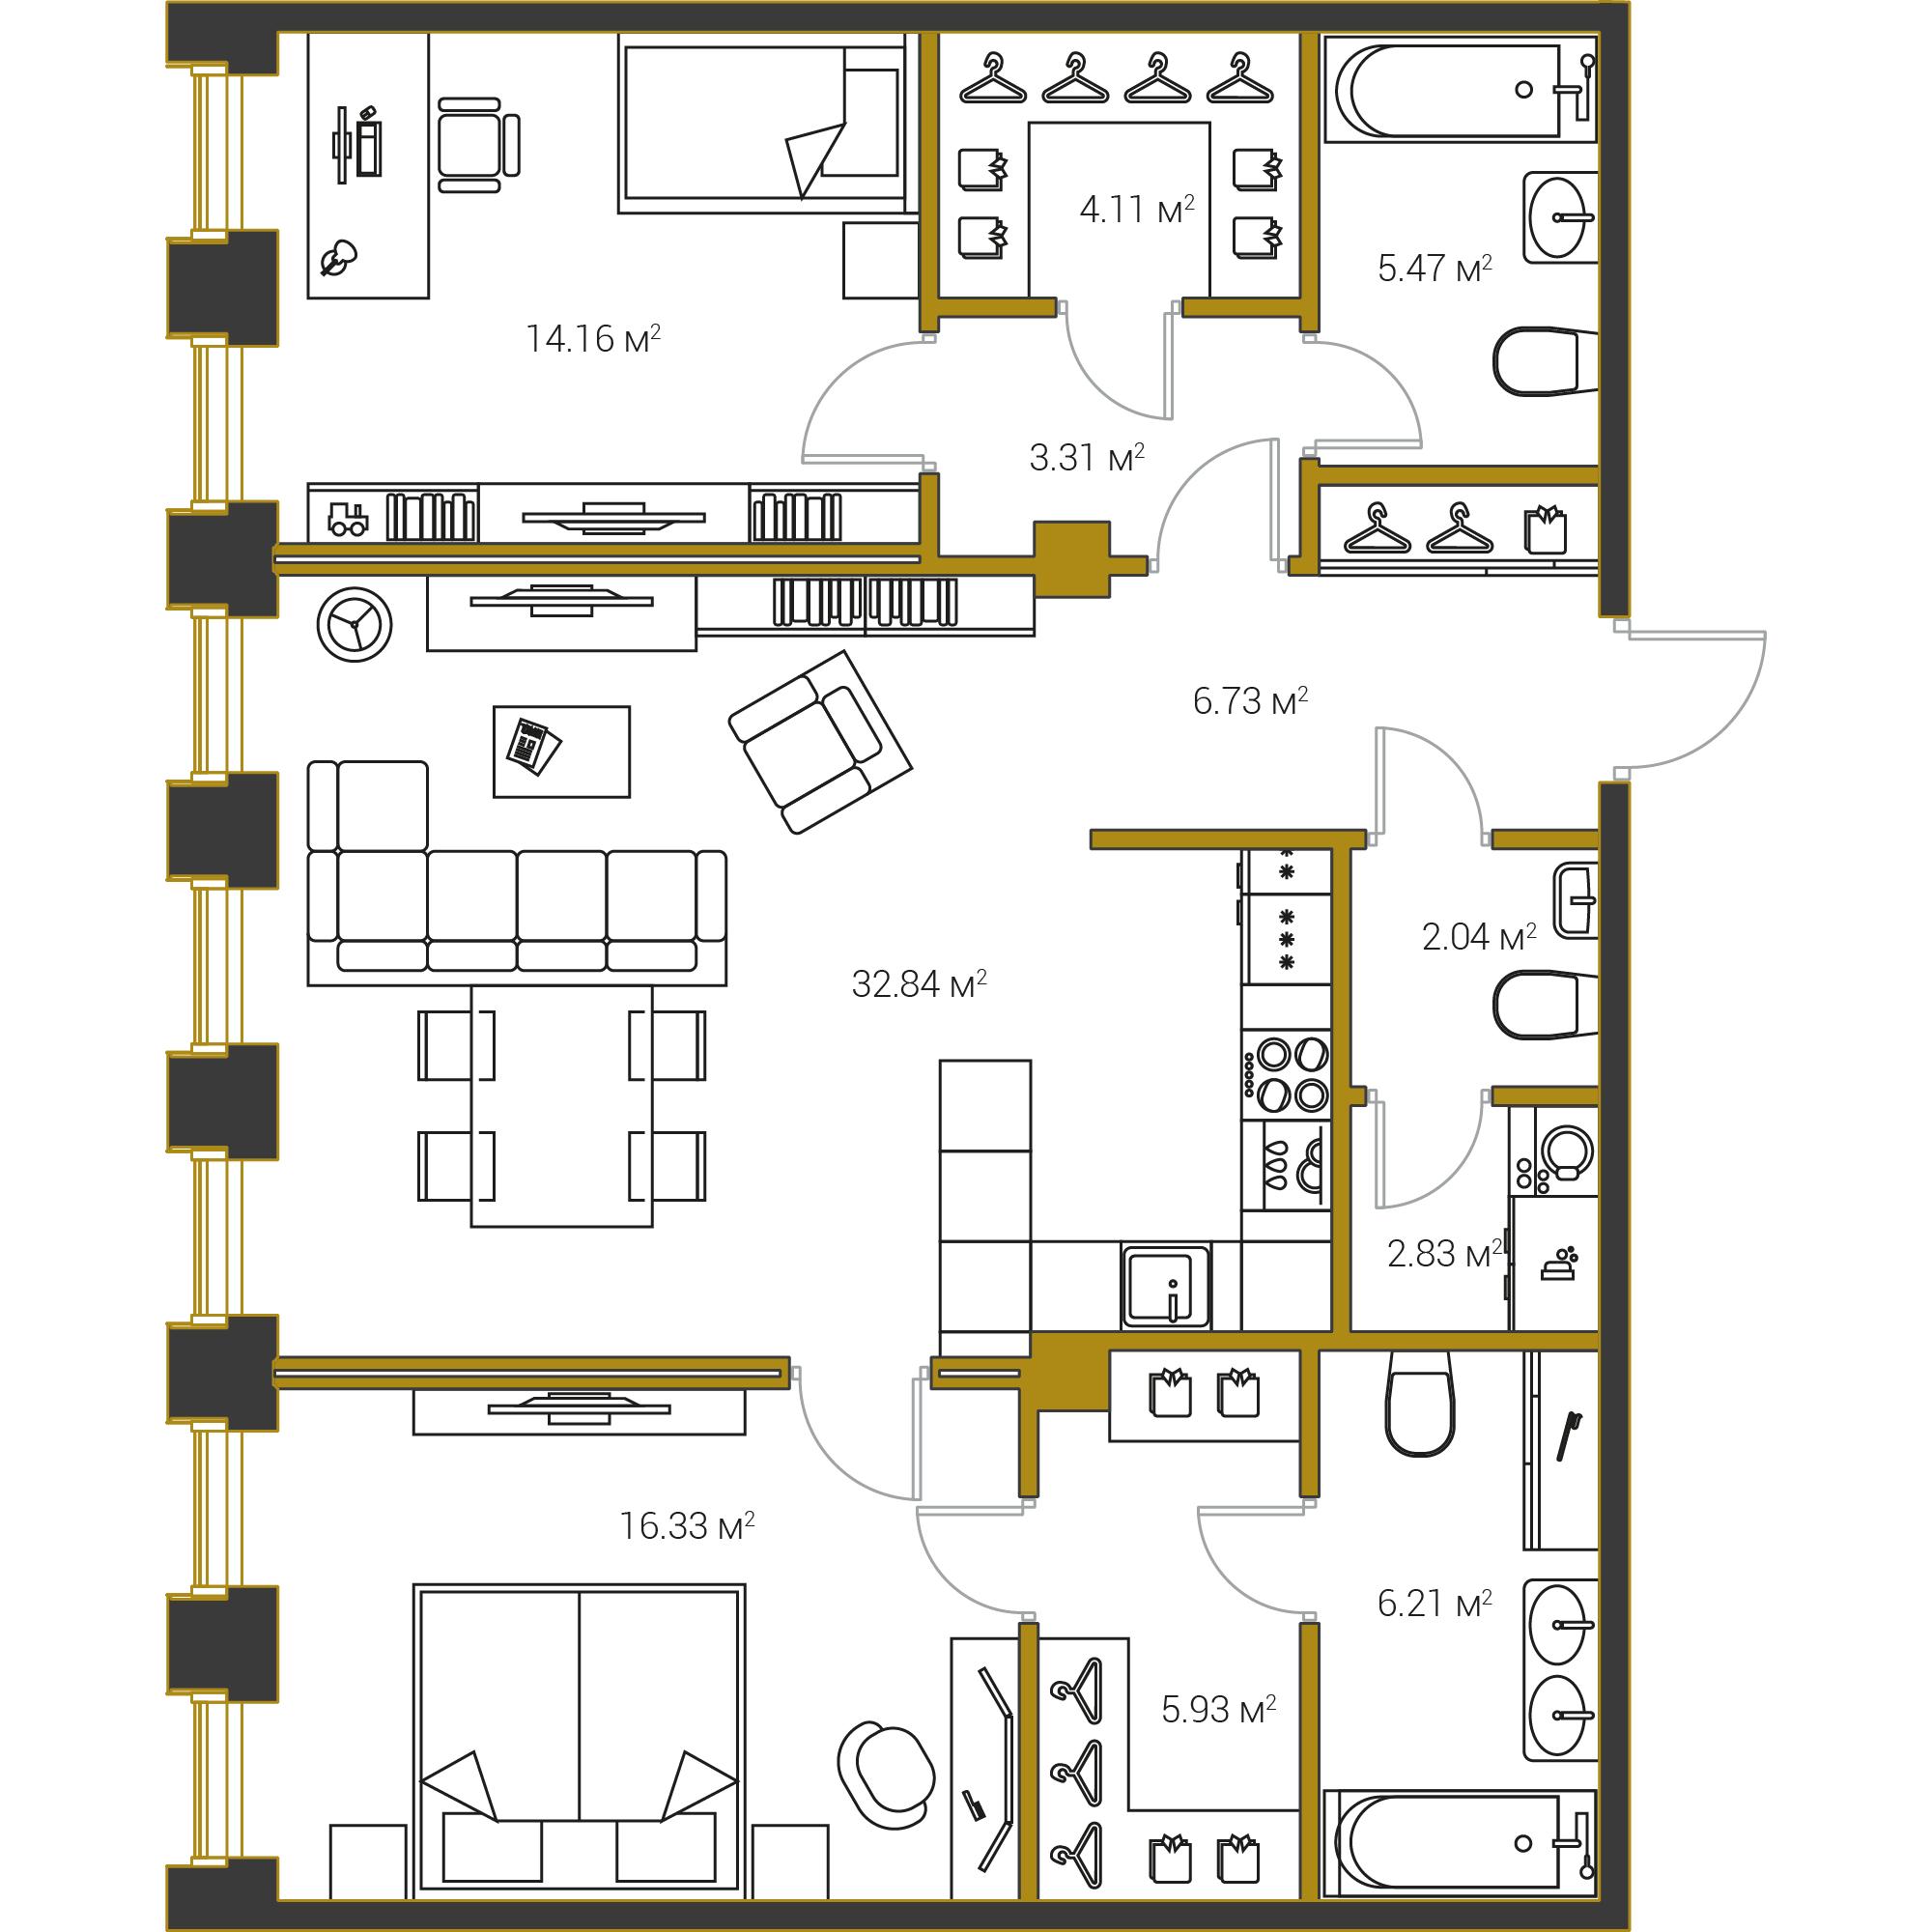 2-комнатная квартира №16 в: Институтский,16: 99.96 м²; этаж: 8 - купить в Санкт-Петербурге